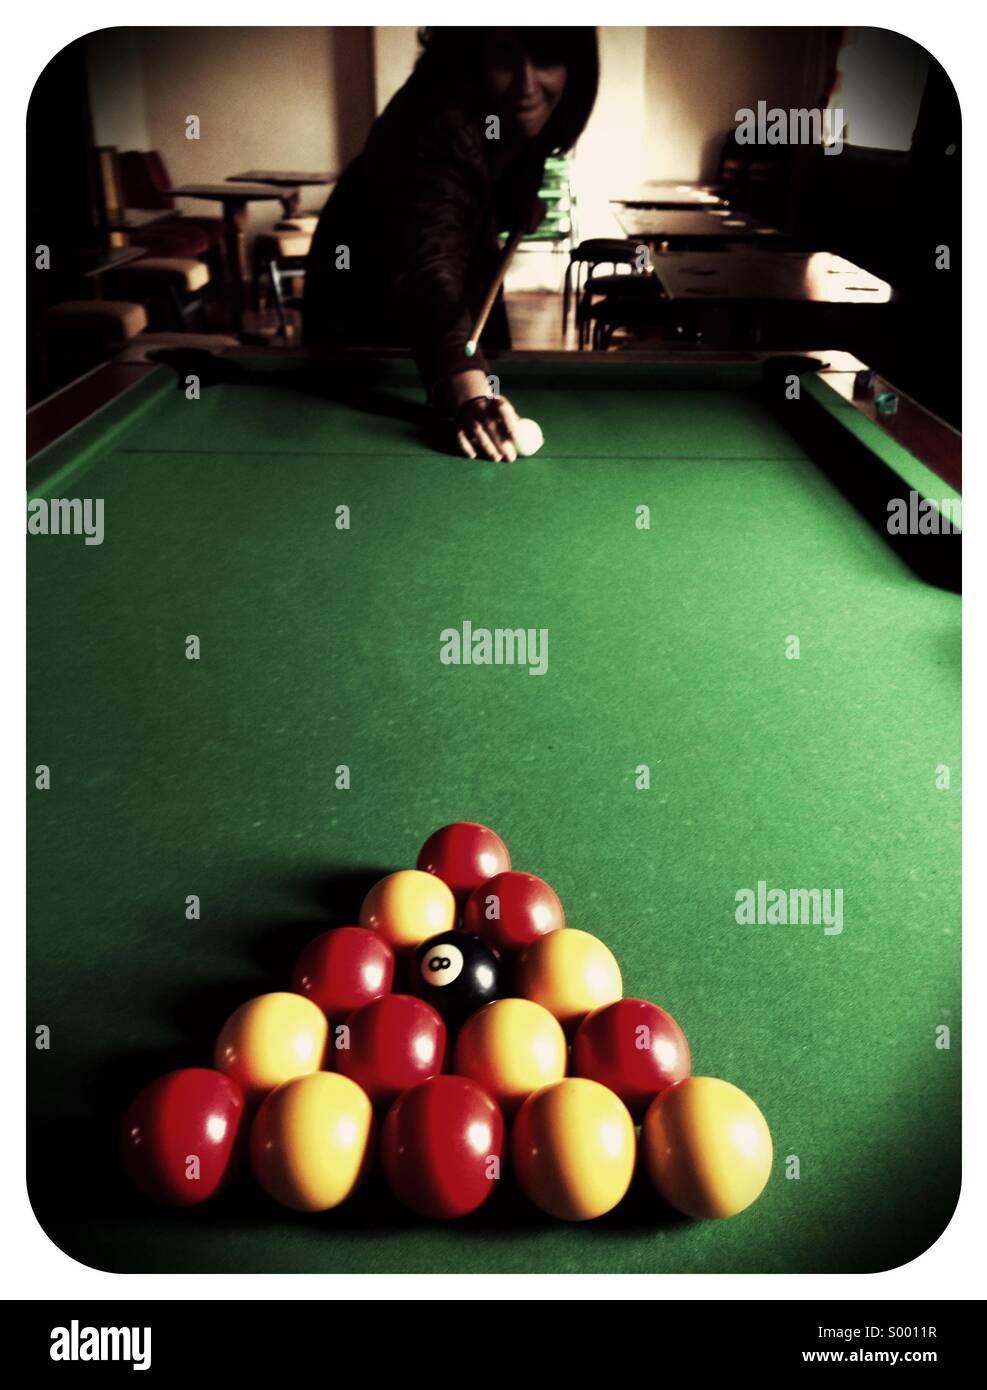 Piscina gioco Foto Stock